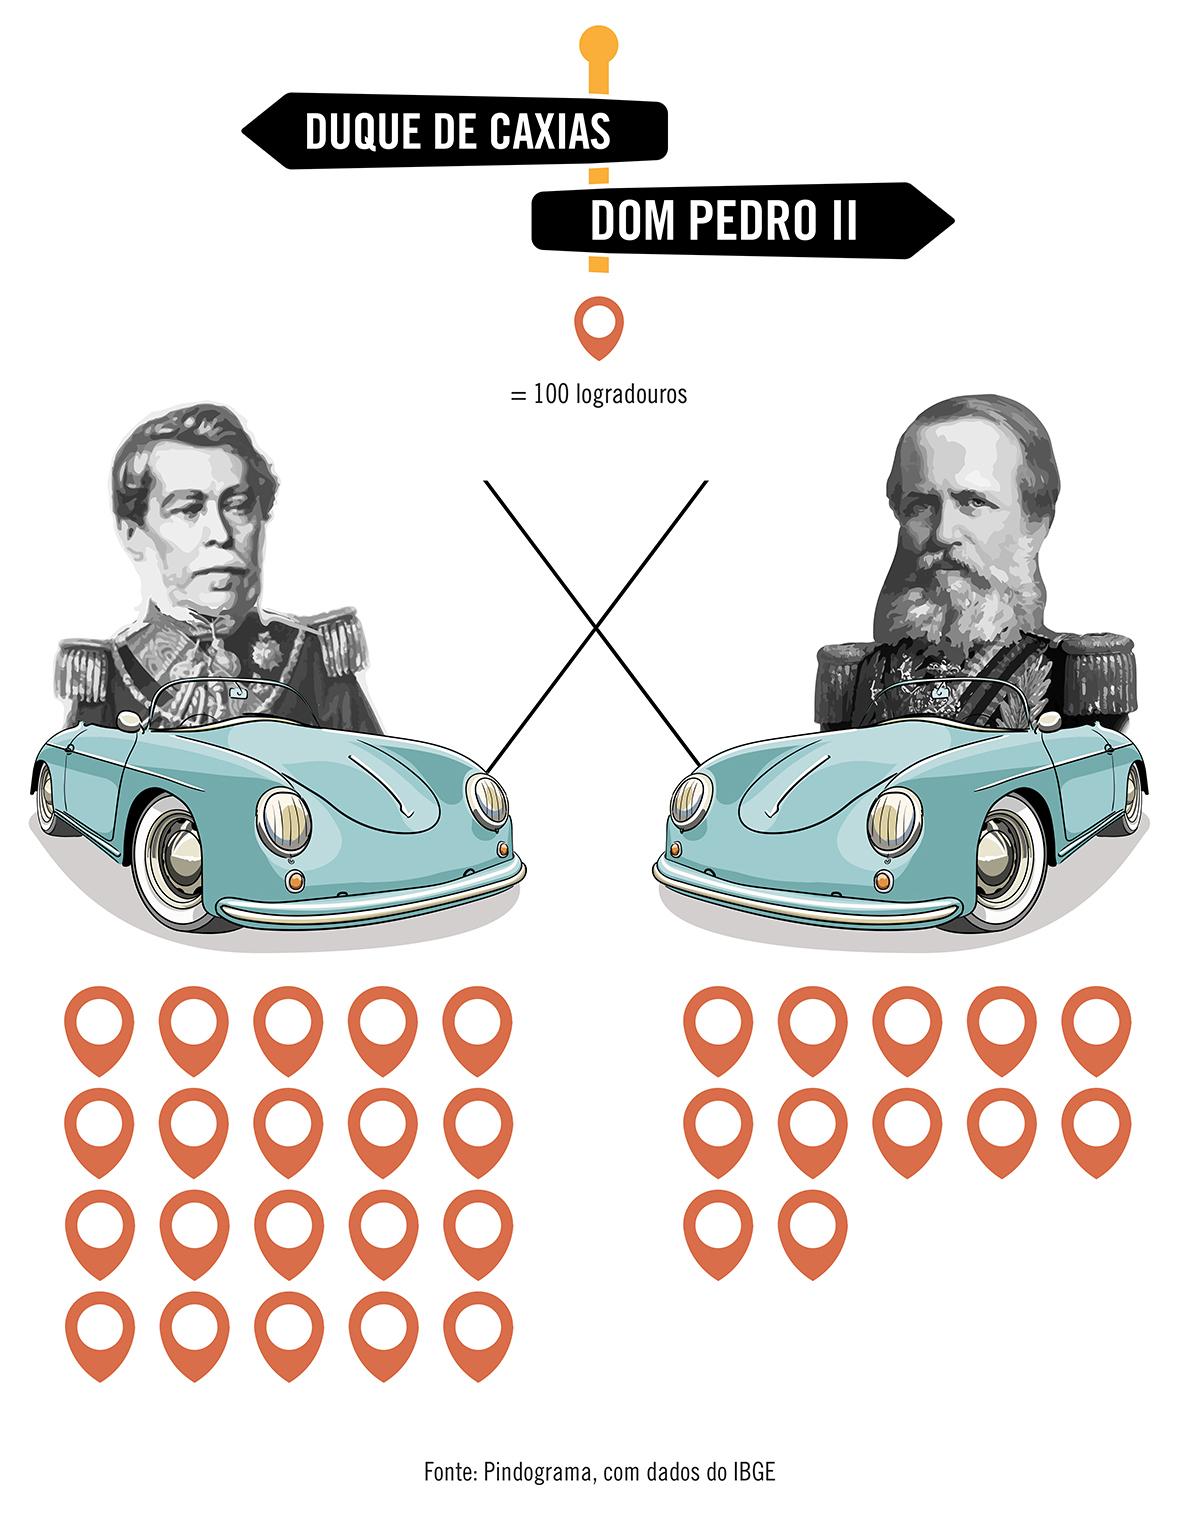 Nas ruas brasileiras, há mais homenagens a Duque de Caxias do que a Dom Pedro II